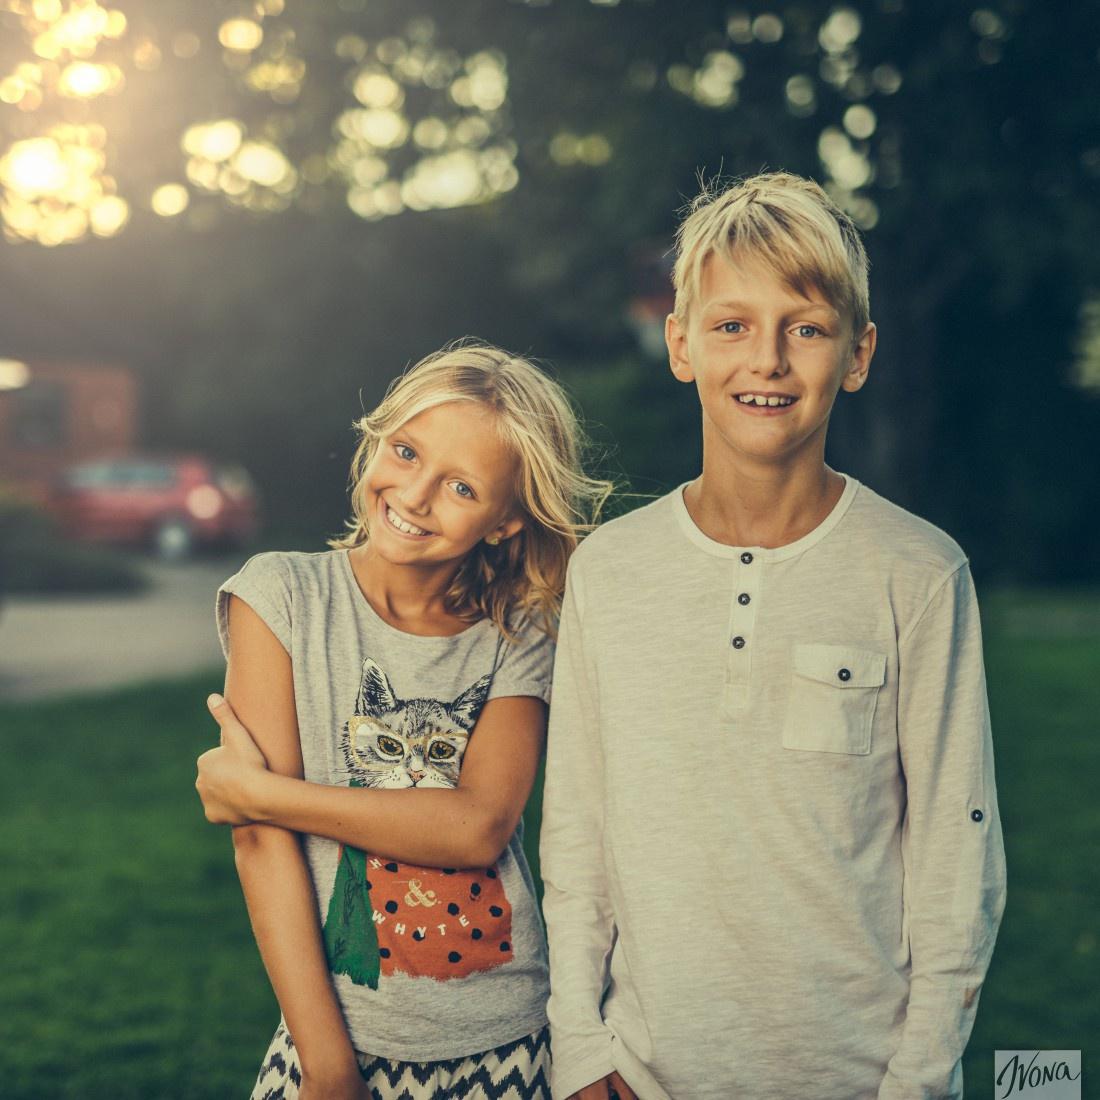 ТОП-10 признаков разпознать, что ребенок врет